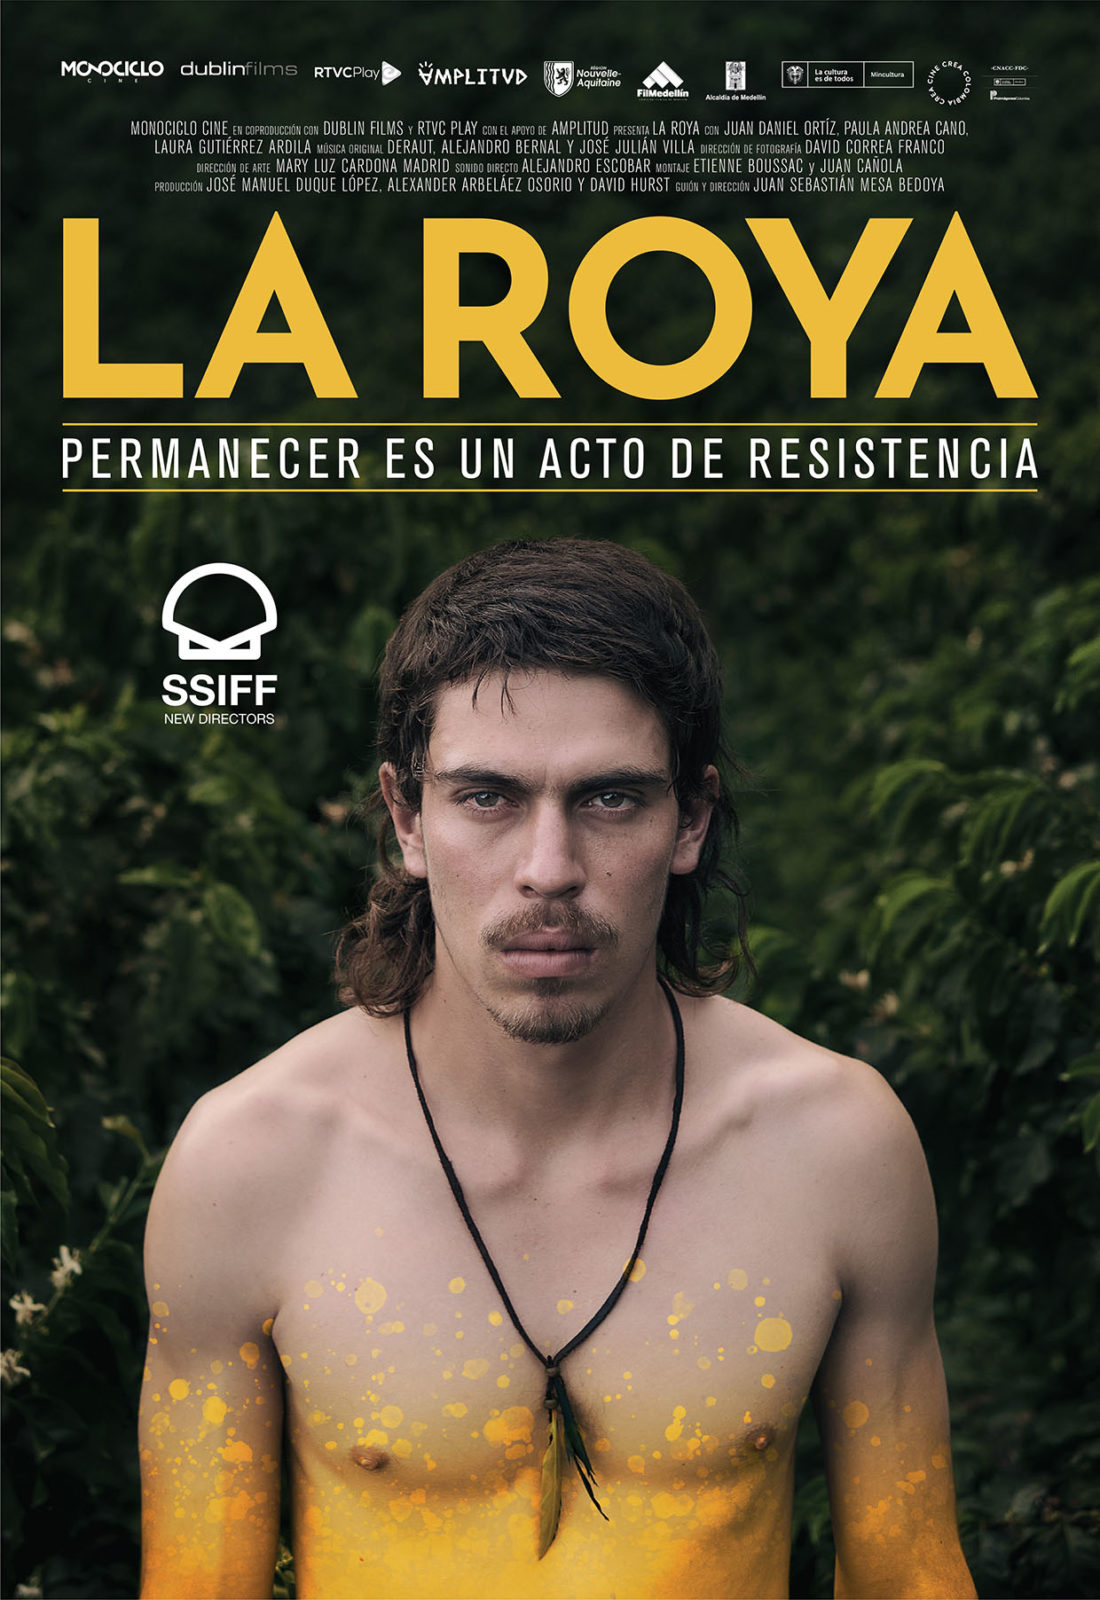 La Roya